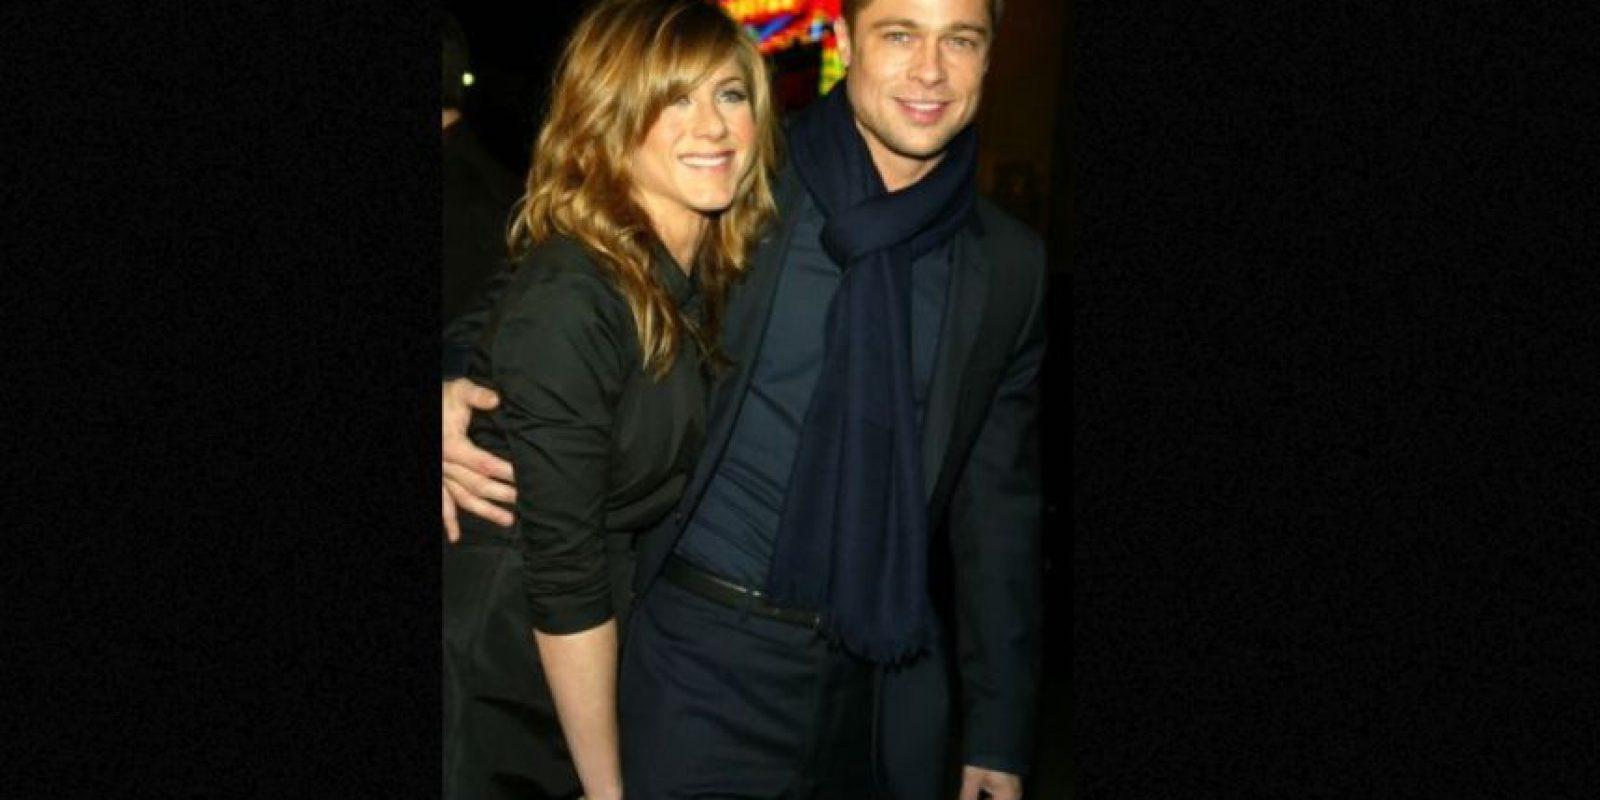 Brad Pitt terminó su relación con Jennifer Aniston para quedarse con Angelina Jolie Foto:Getty Images